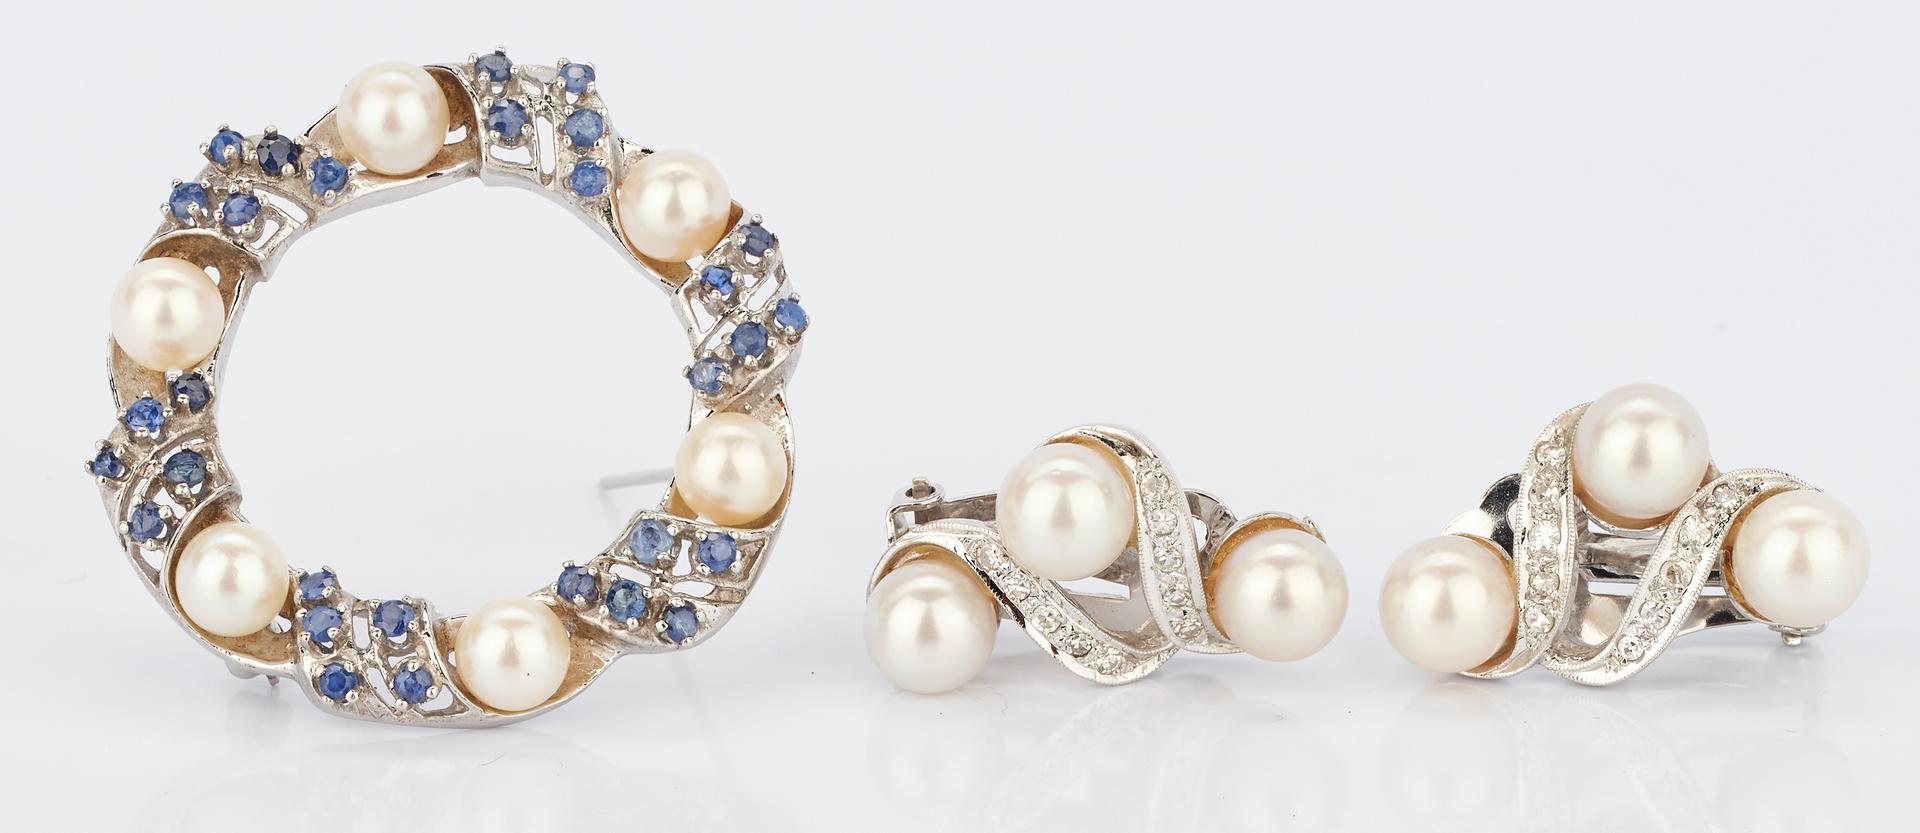 Lot 928: 3 14K Pearl and Gemstone Items, Brooch & Earrings